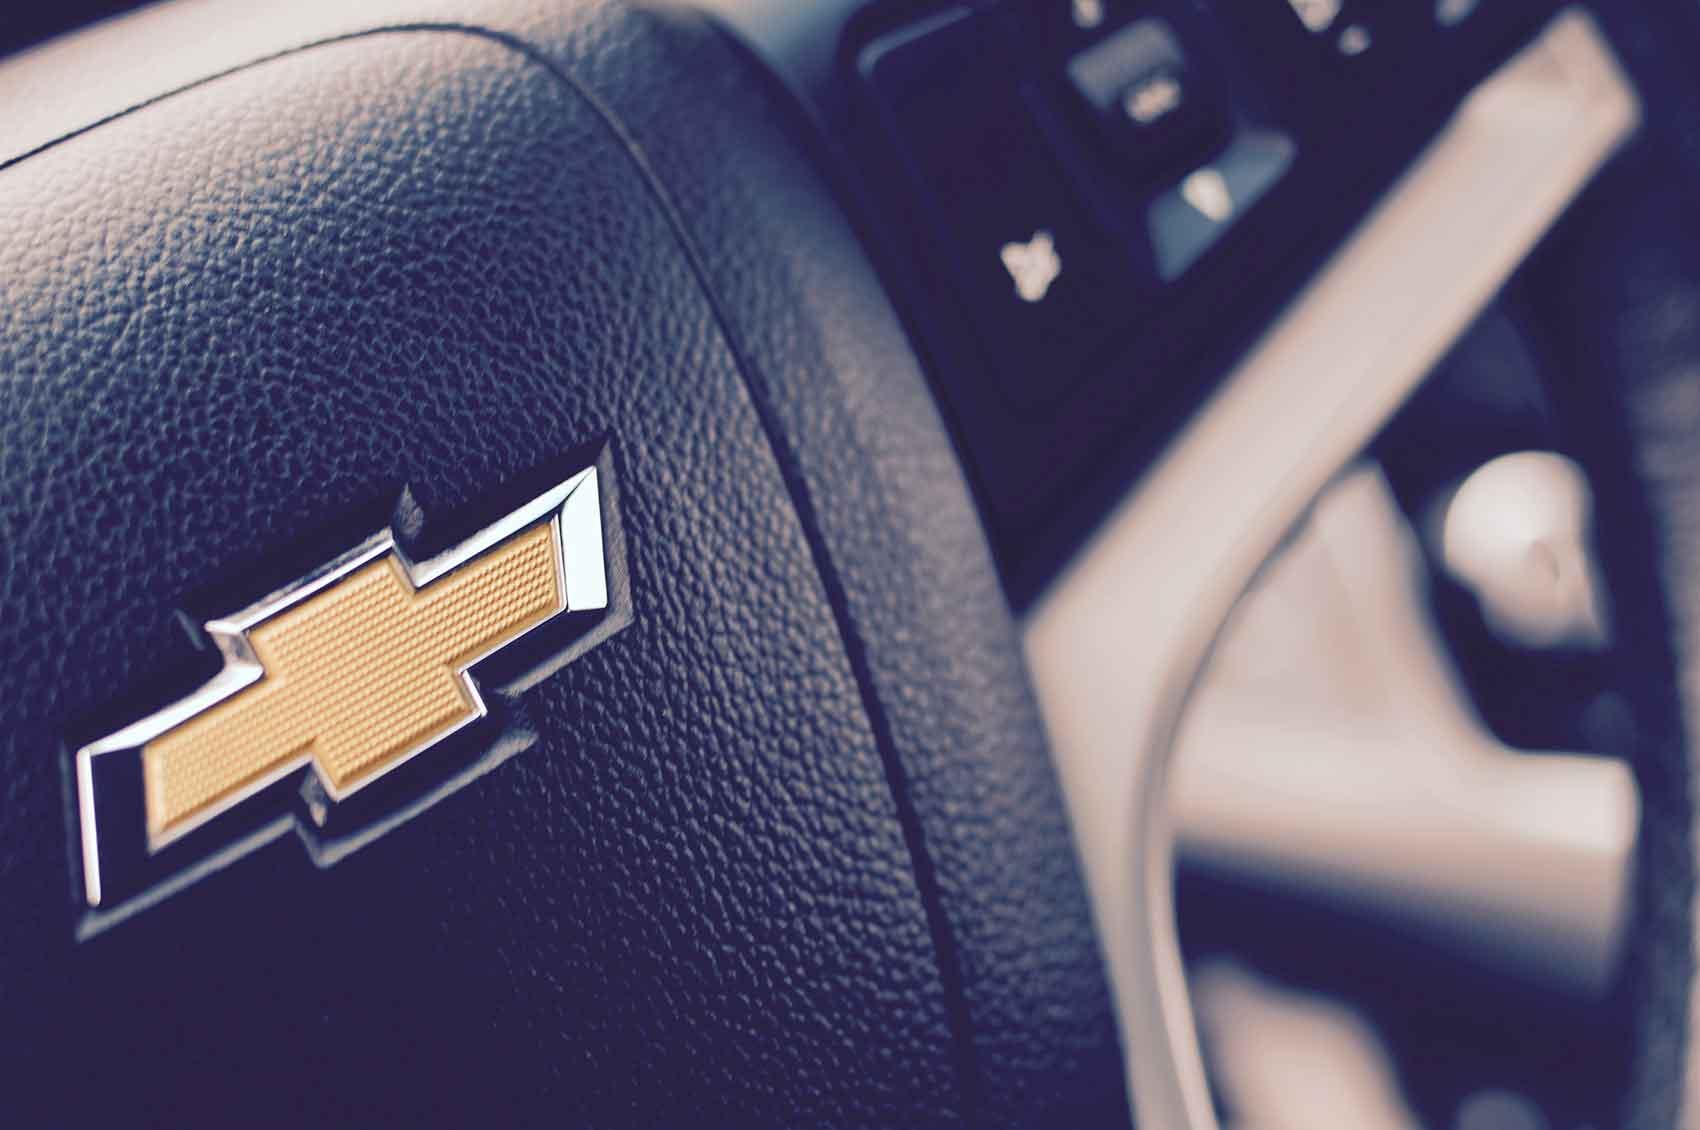 gm steering wheel